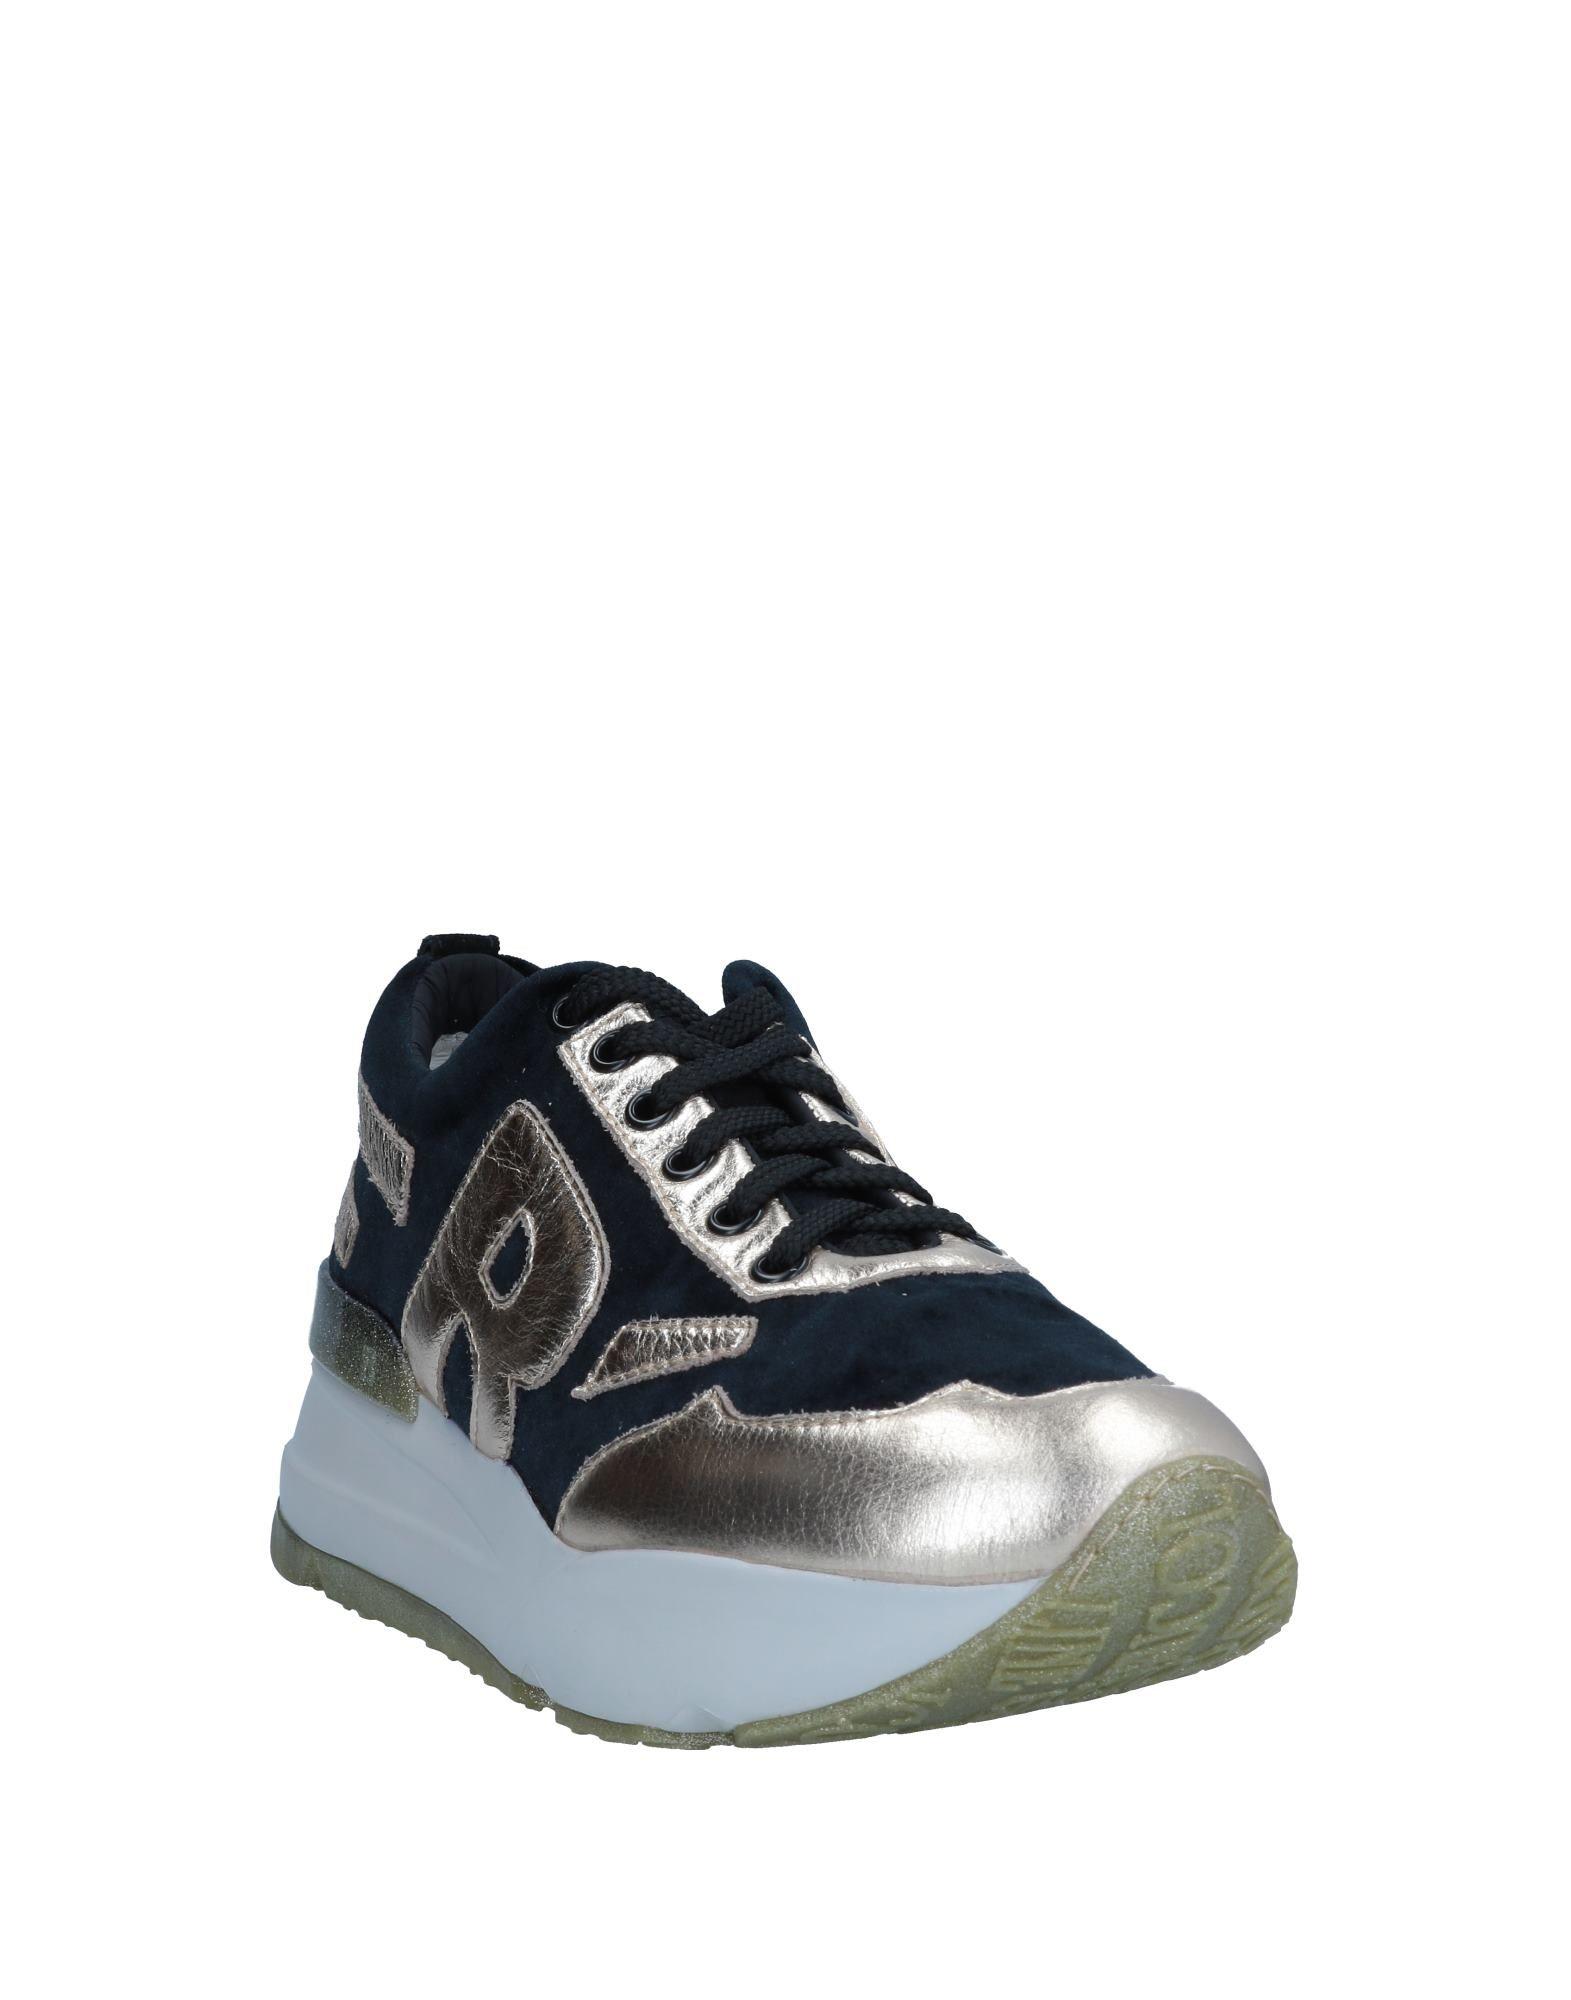 Ruco Ruco Ruco Line Sneakers Damen Gutes Preis-Leistungs-Verhältnis, es lohnt sich b4f7d7